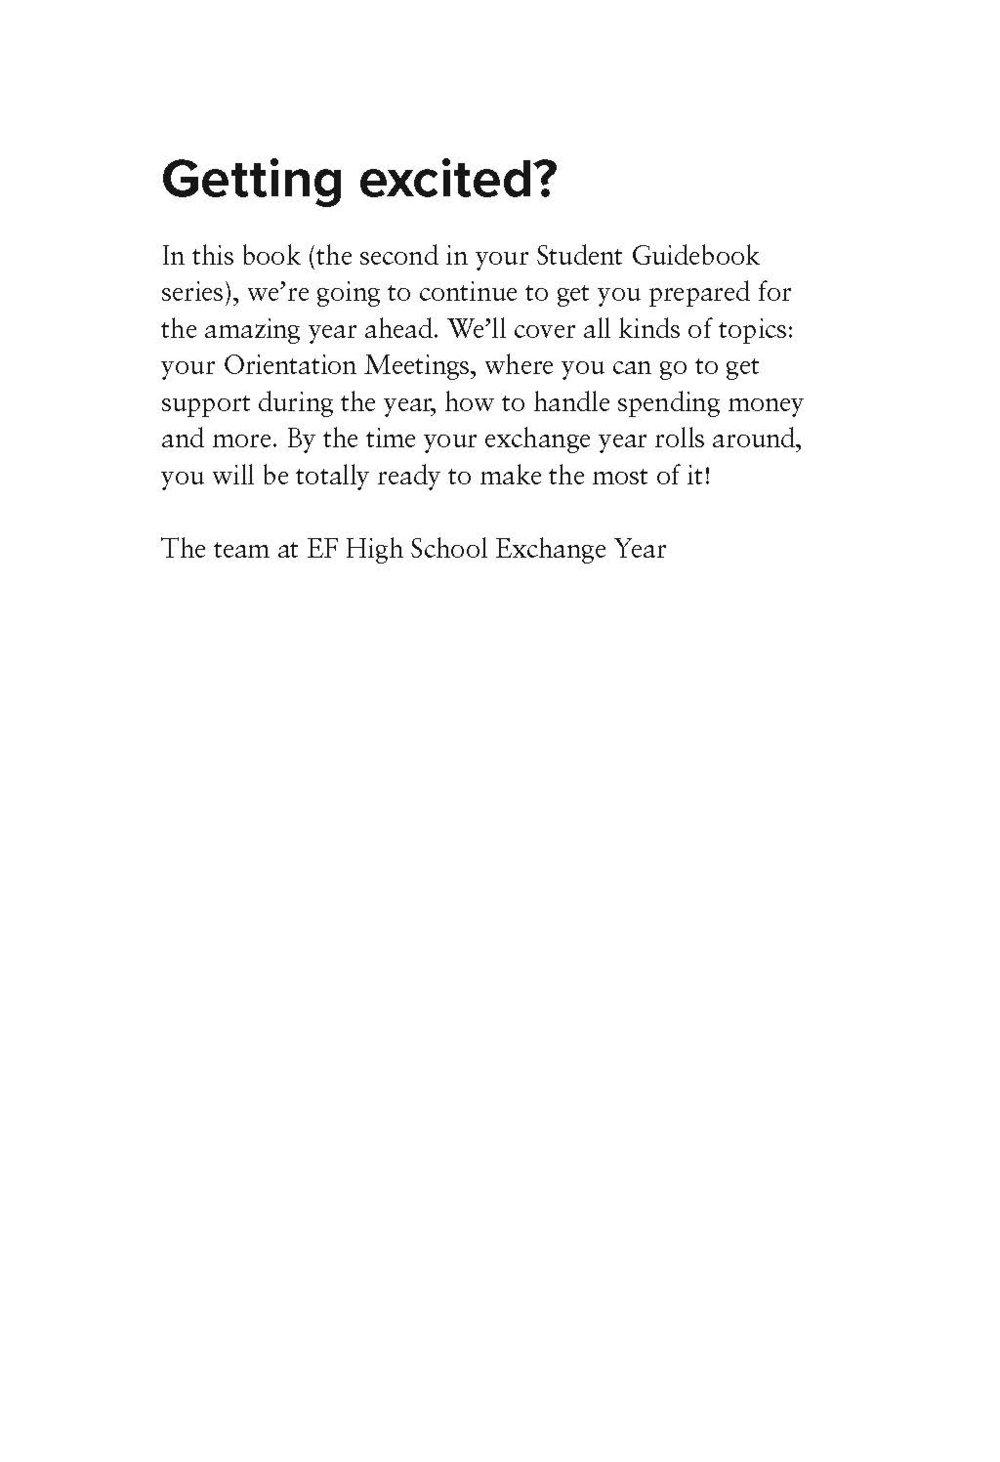 2018_Student_Guidebook_#2_US_Page_02.jpg